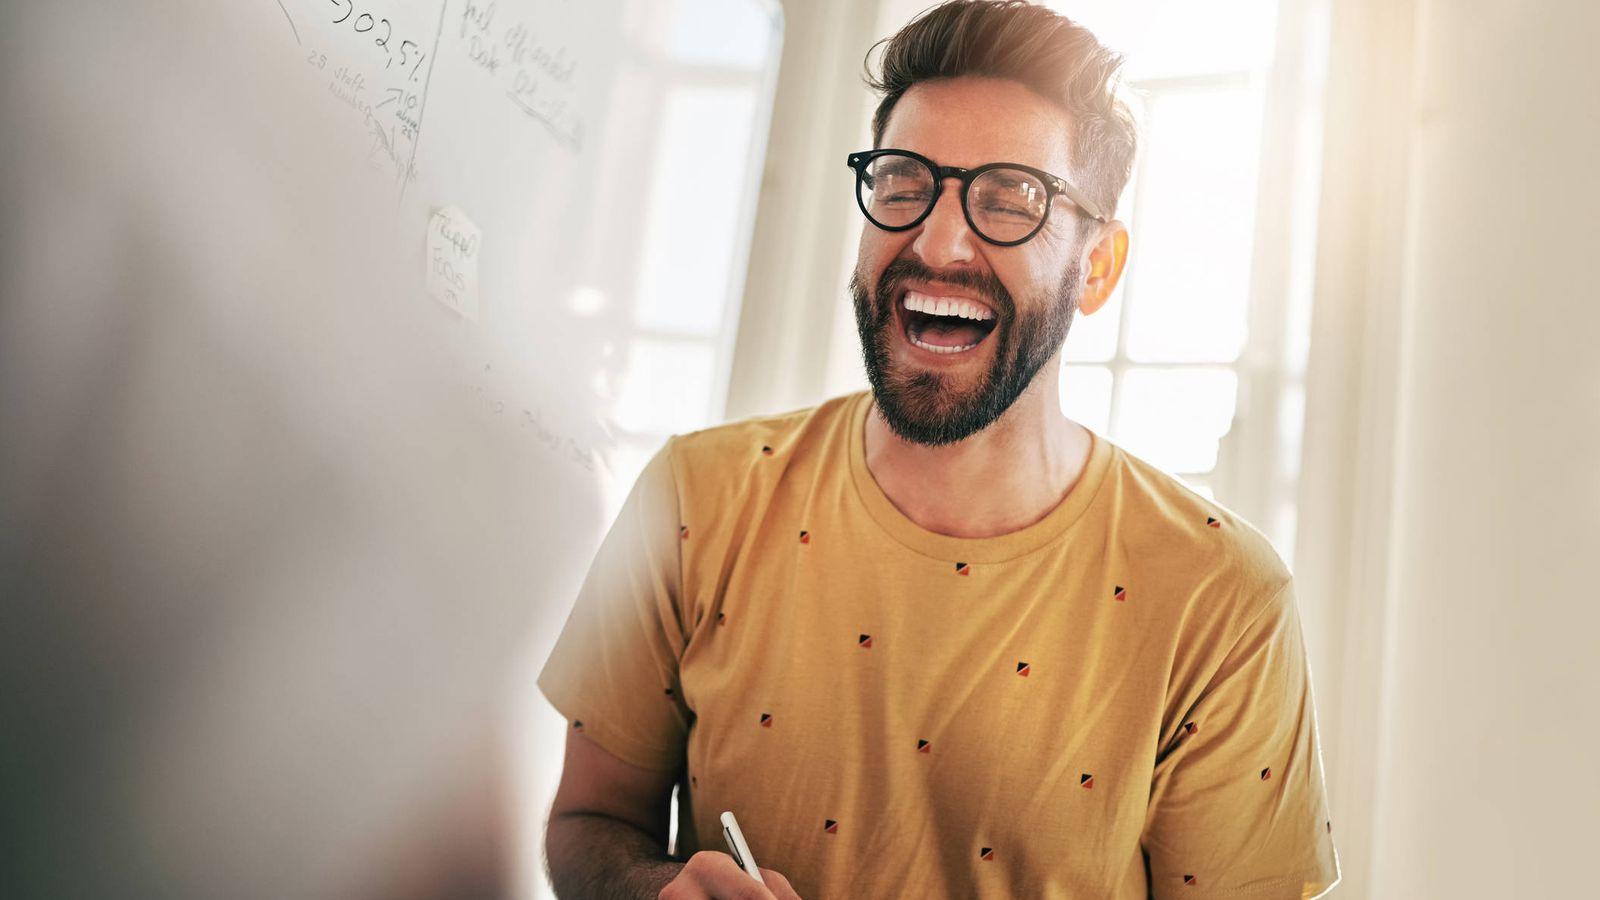 Guía del humor en el trabajo: así es como puedes reírte mucho sin ...